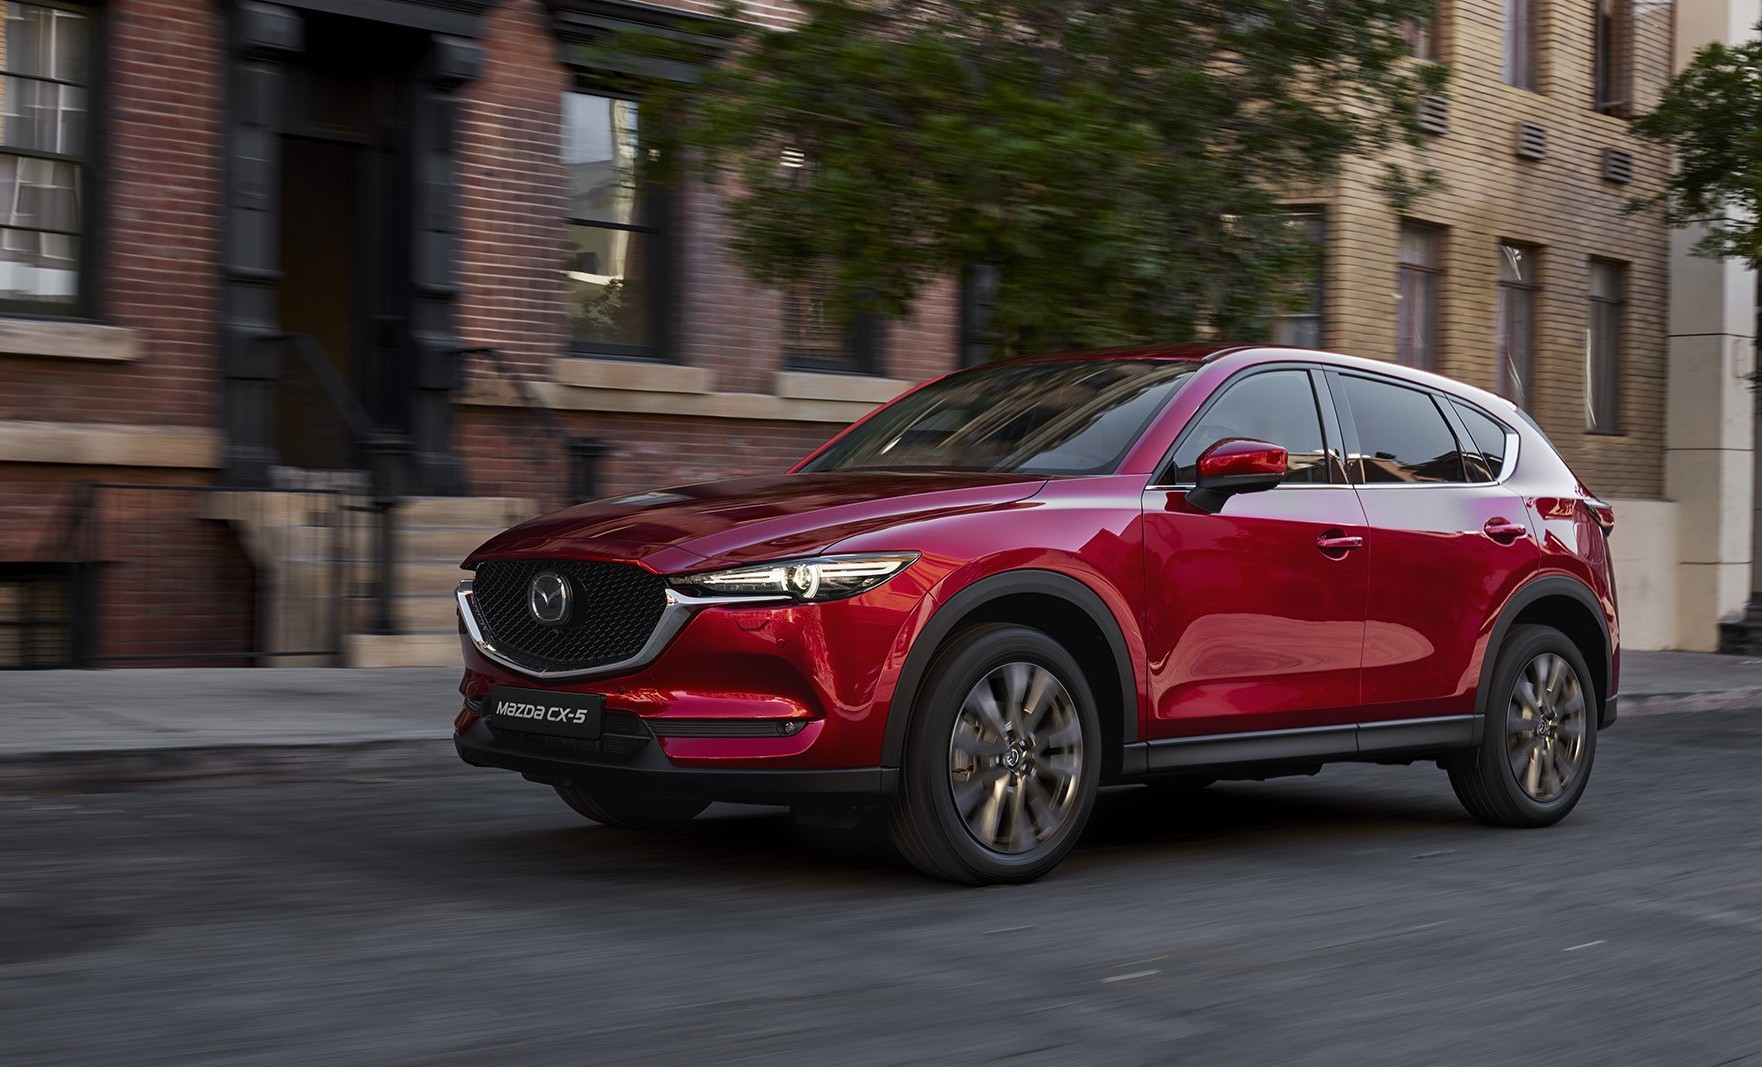 Auto Mazda sconti e offerte Giugno 2019